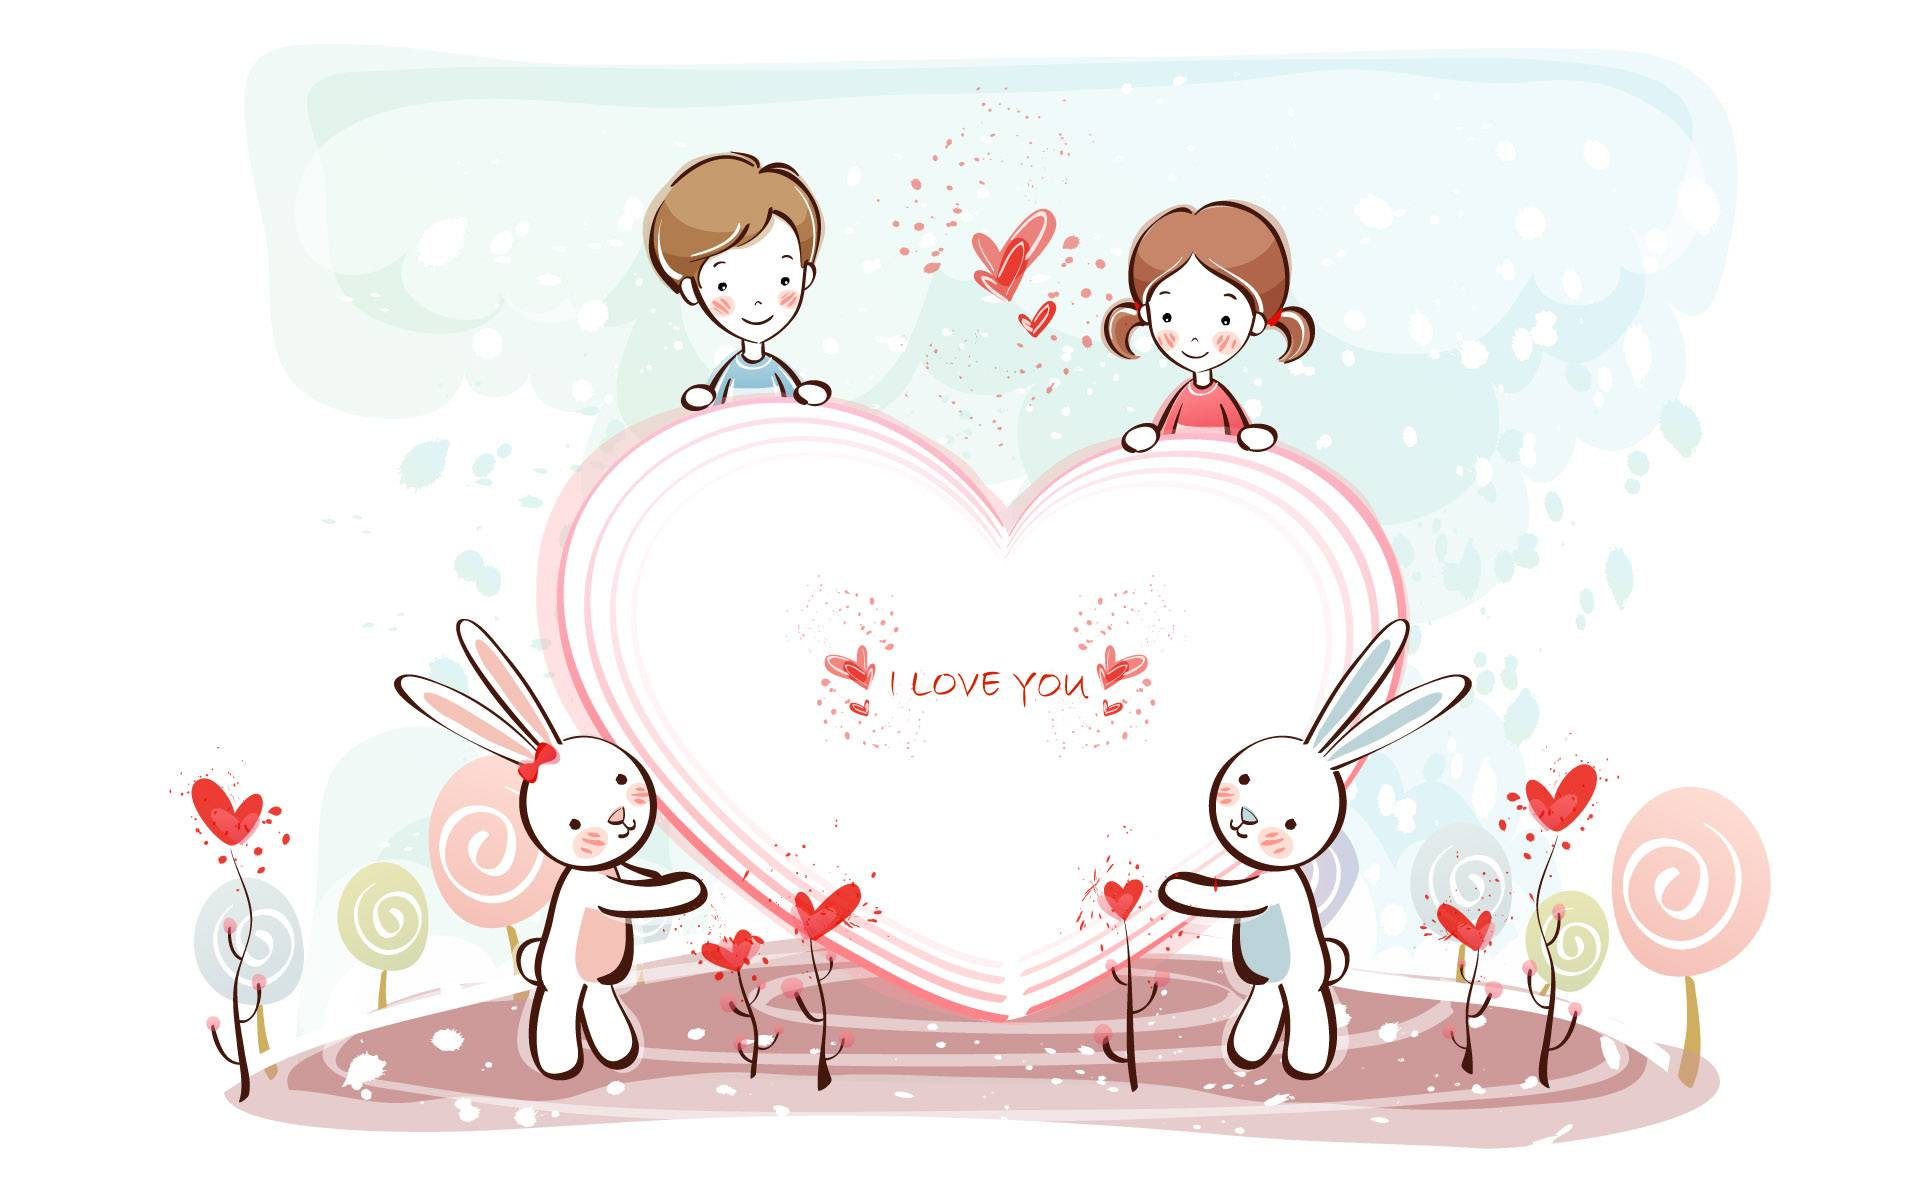 Imagenes romanticas de amor con un corazon para mi novia